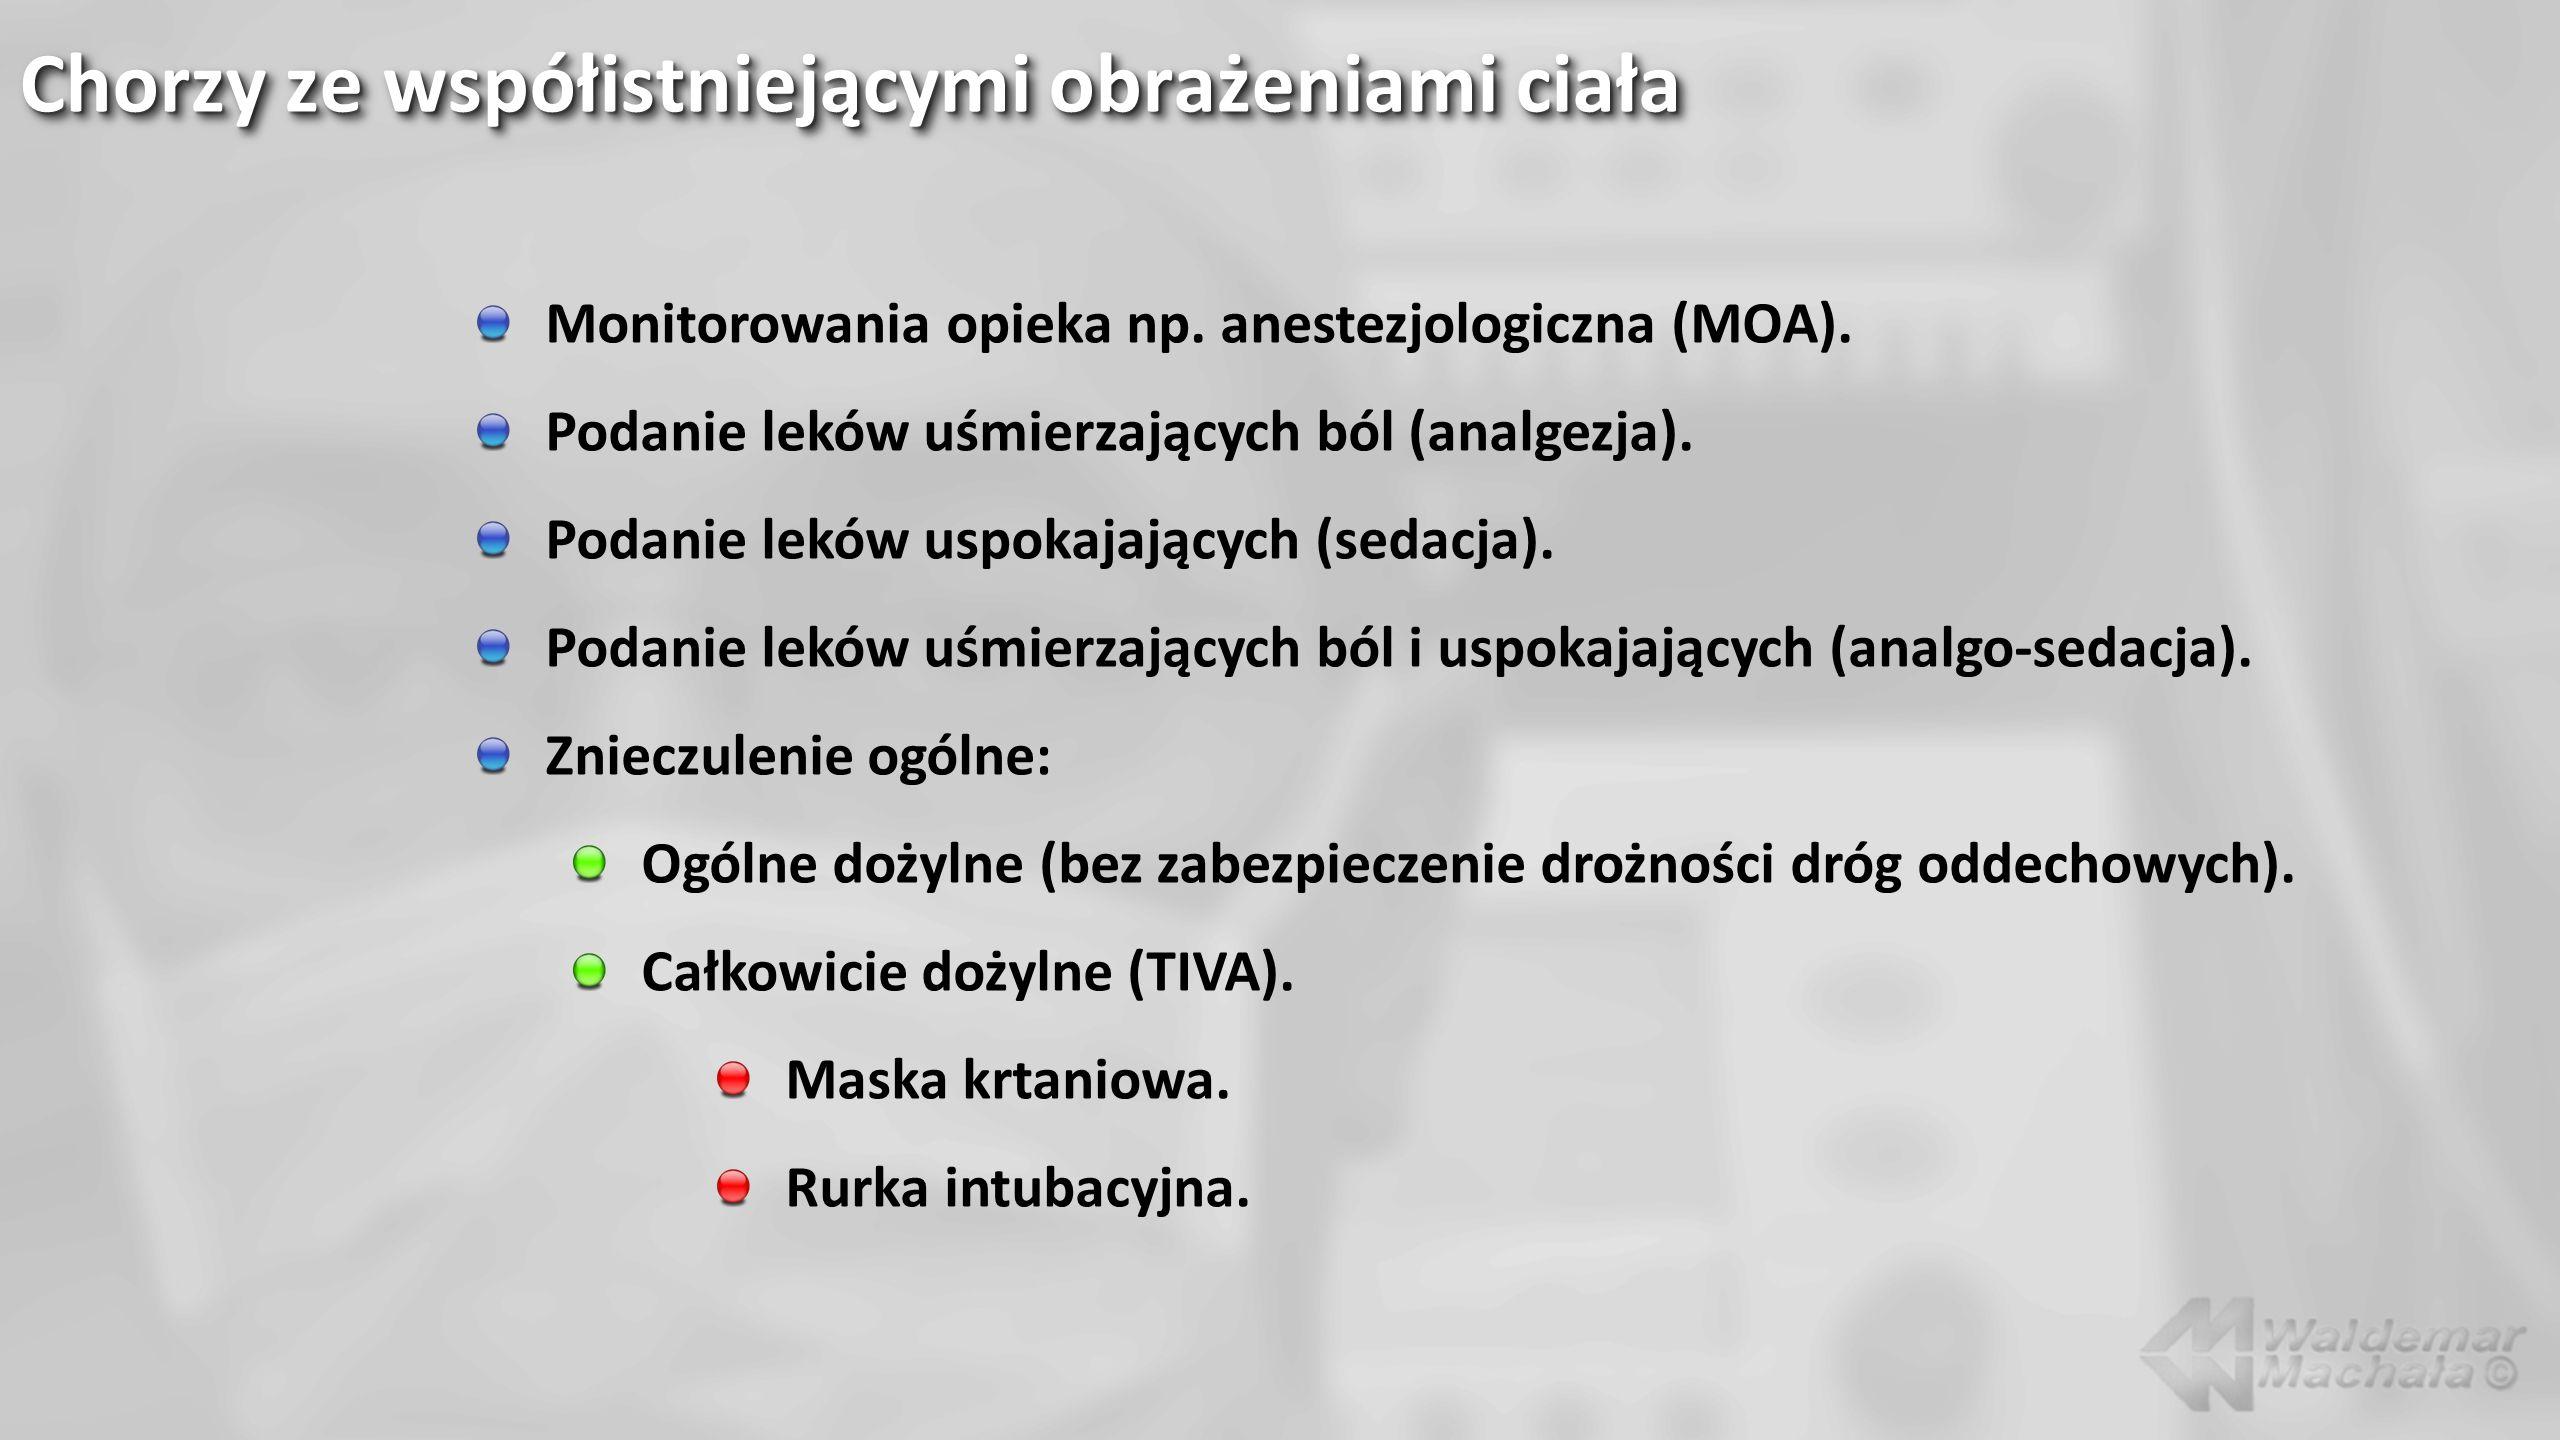 Uśmierzanie bólu (analgezja) w pomocy przedszpitalnej, np.